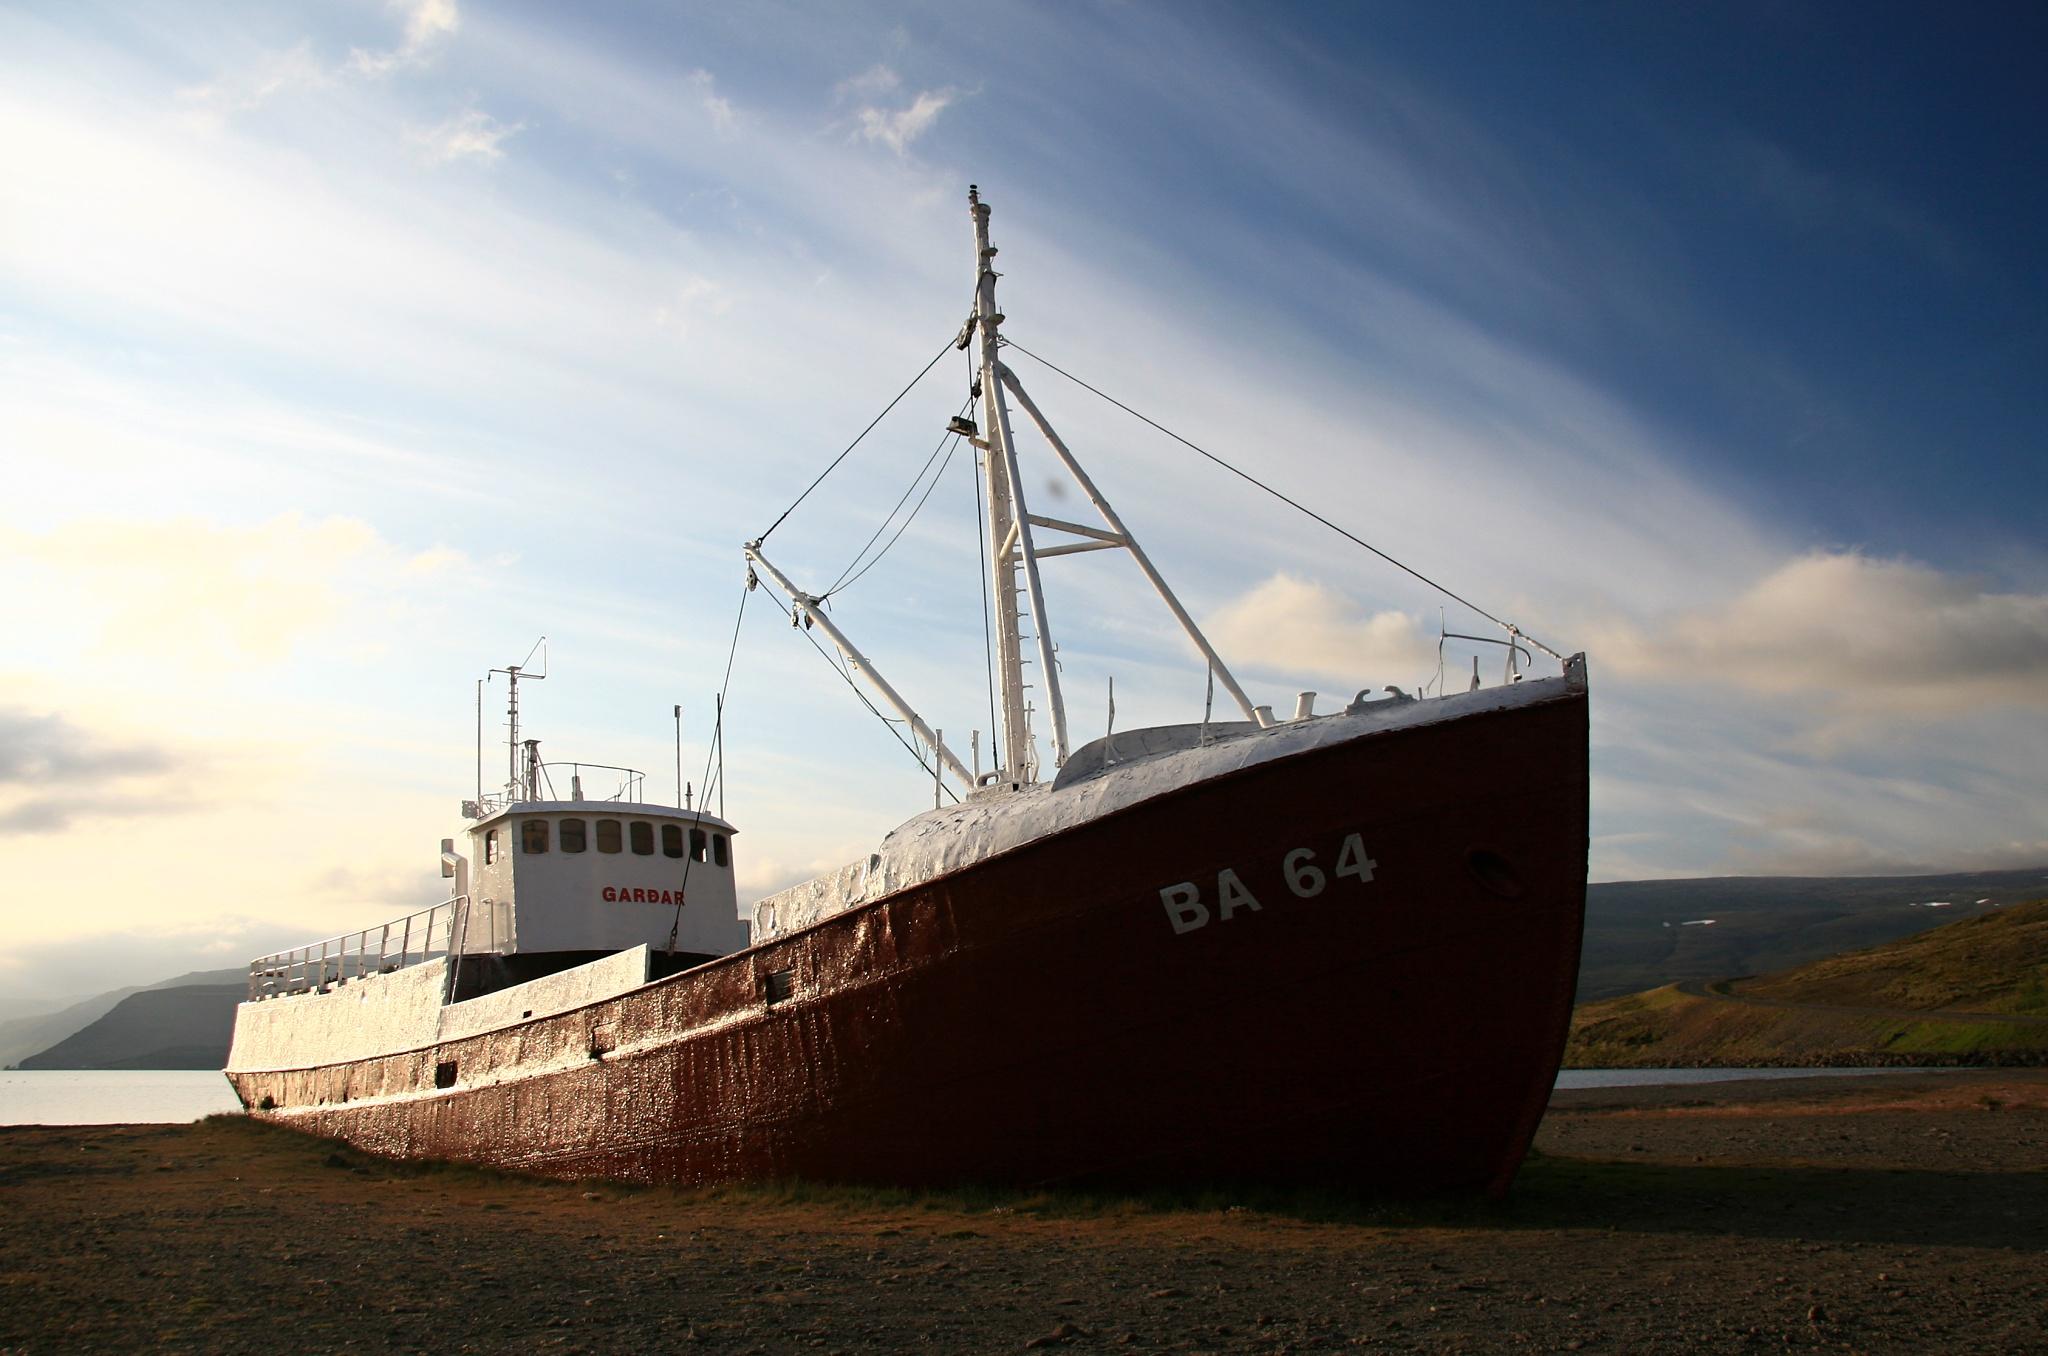 Vrak nejstarší islandské ocelové lodě Garðar BA 64